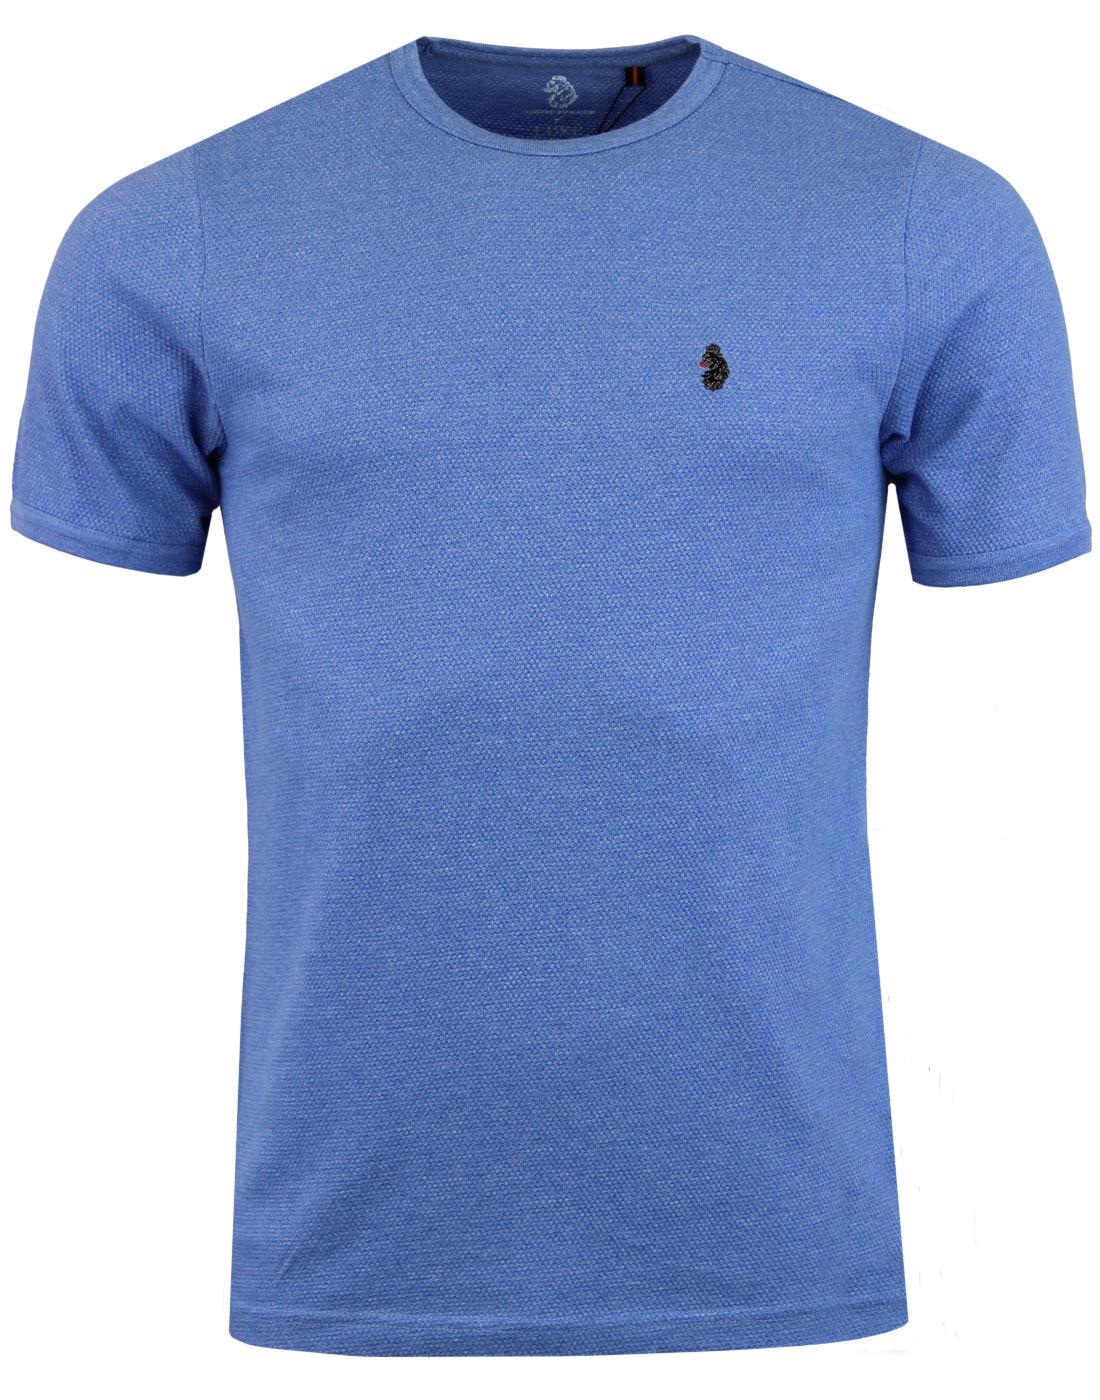 Luke 1977 Trousersnake Red T-Shirt Short Sleeve Cotton Top for Men